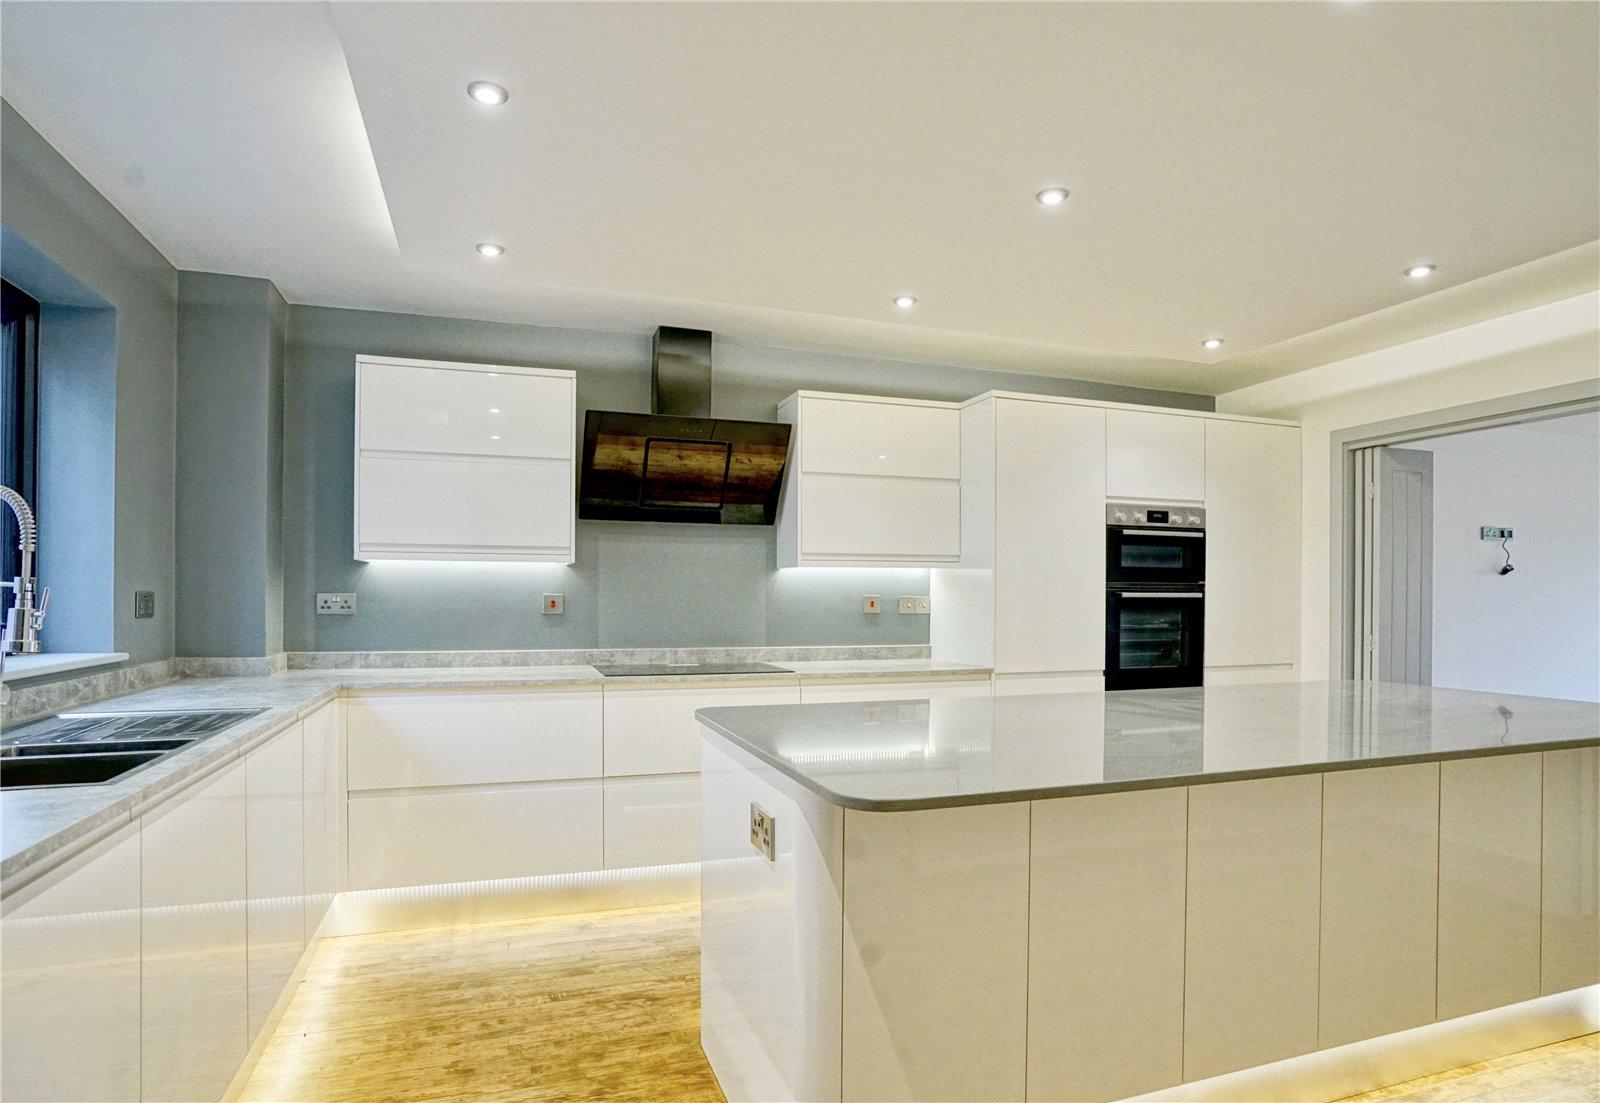 5 bed house for sale in Eynesbury Hardwicke, PE19 6XG - Property Image 1